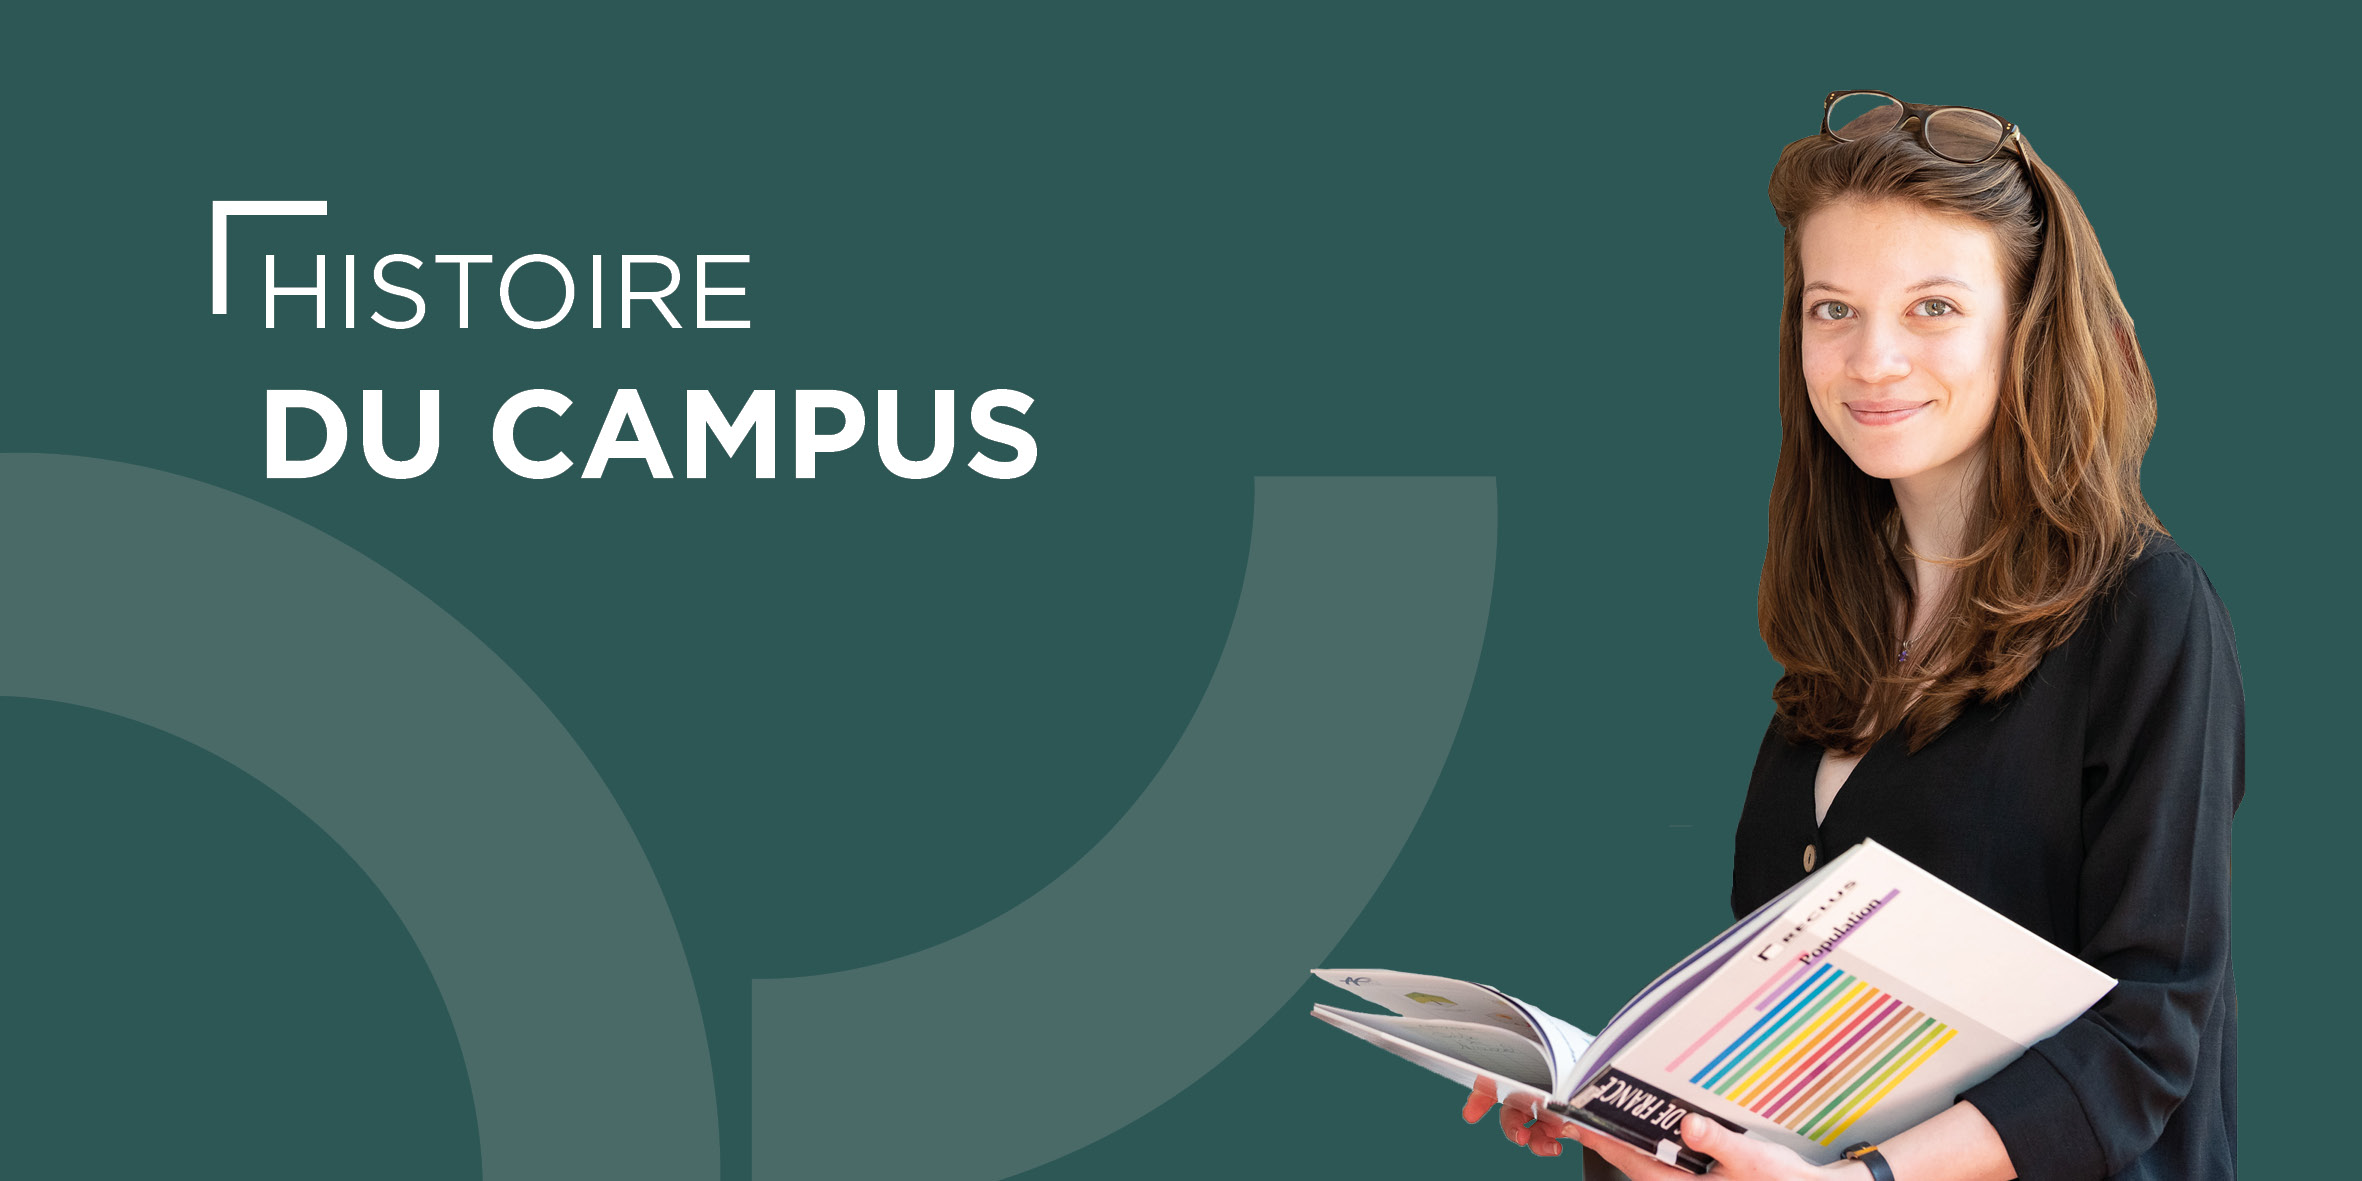 Histoire du campus